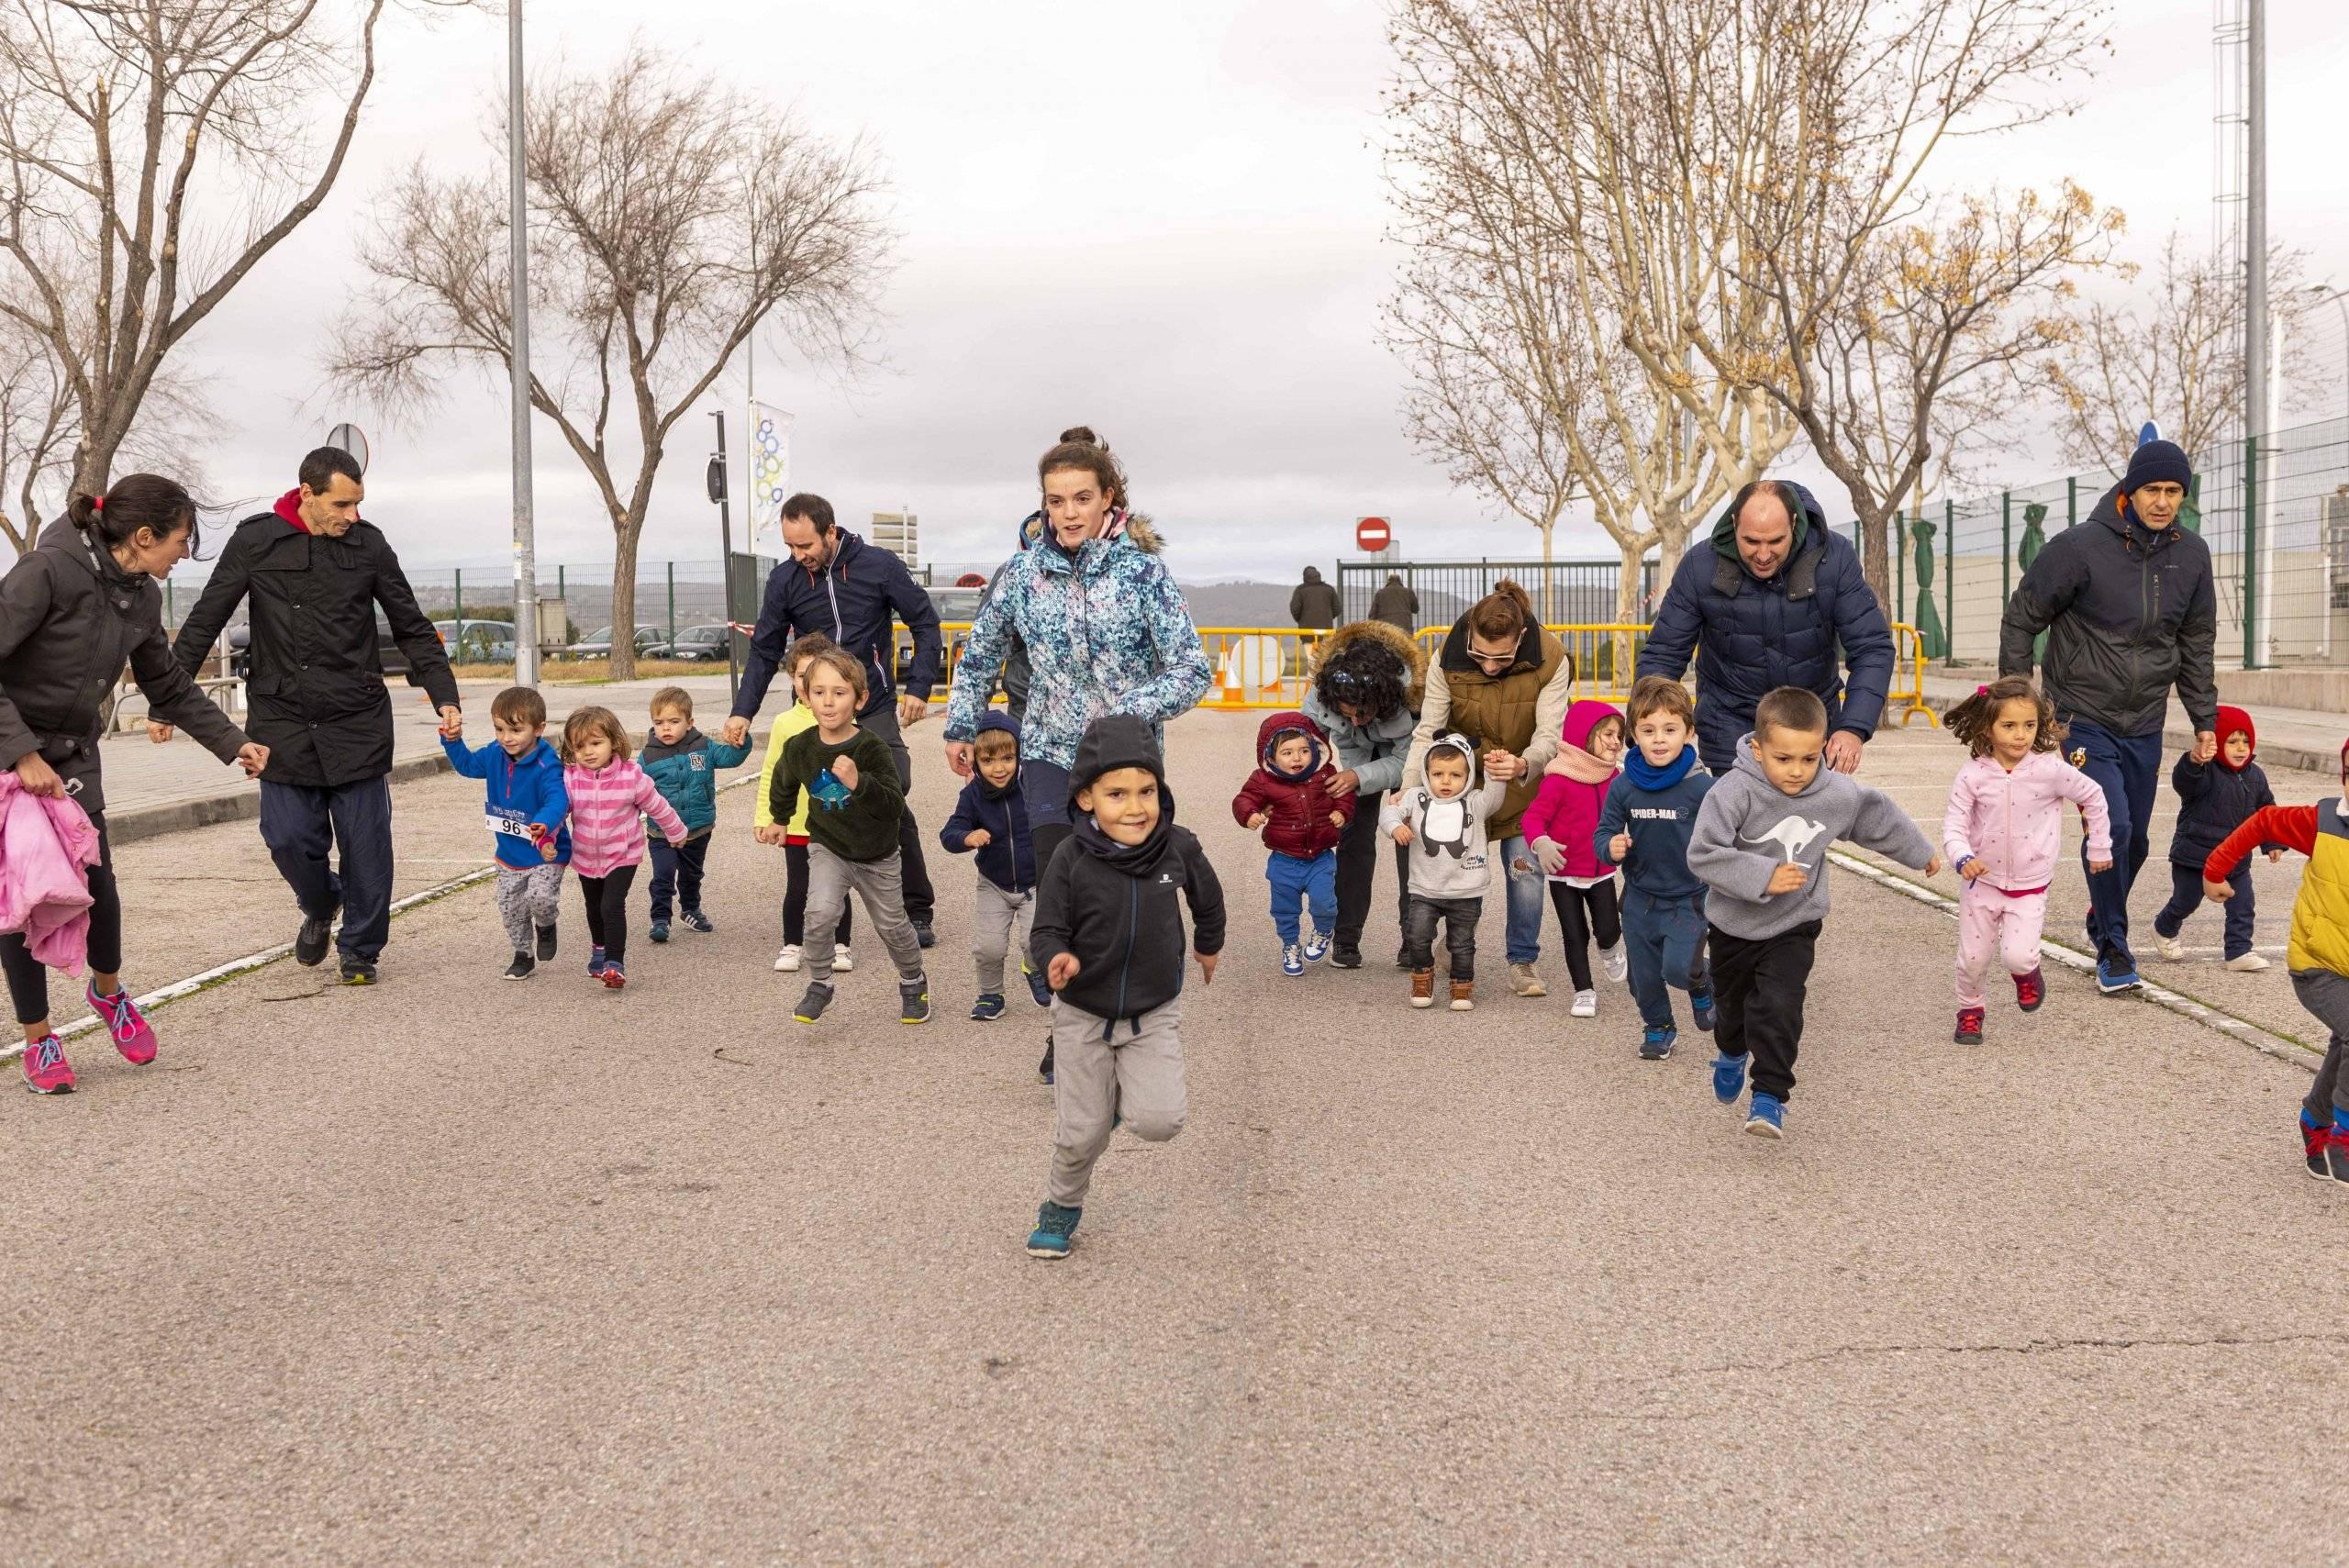 Imagen del inicio de una de las carreras solidarias.